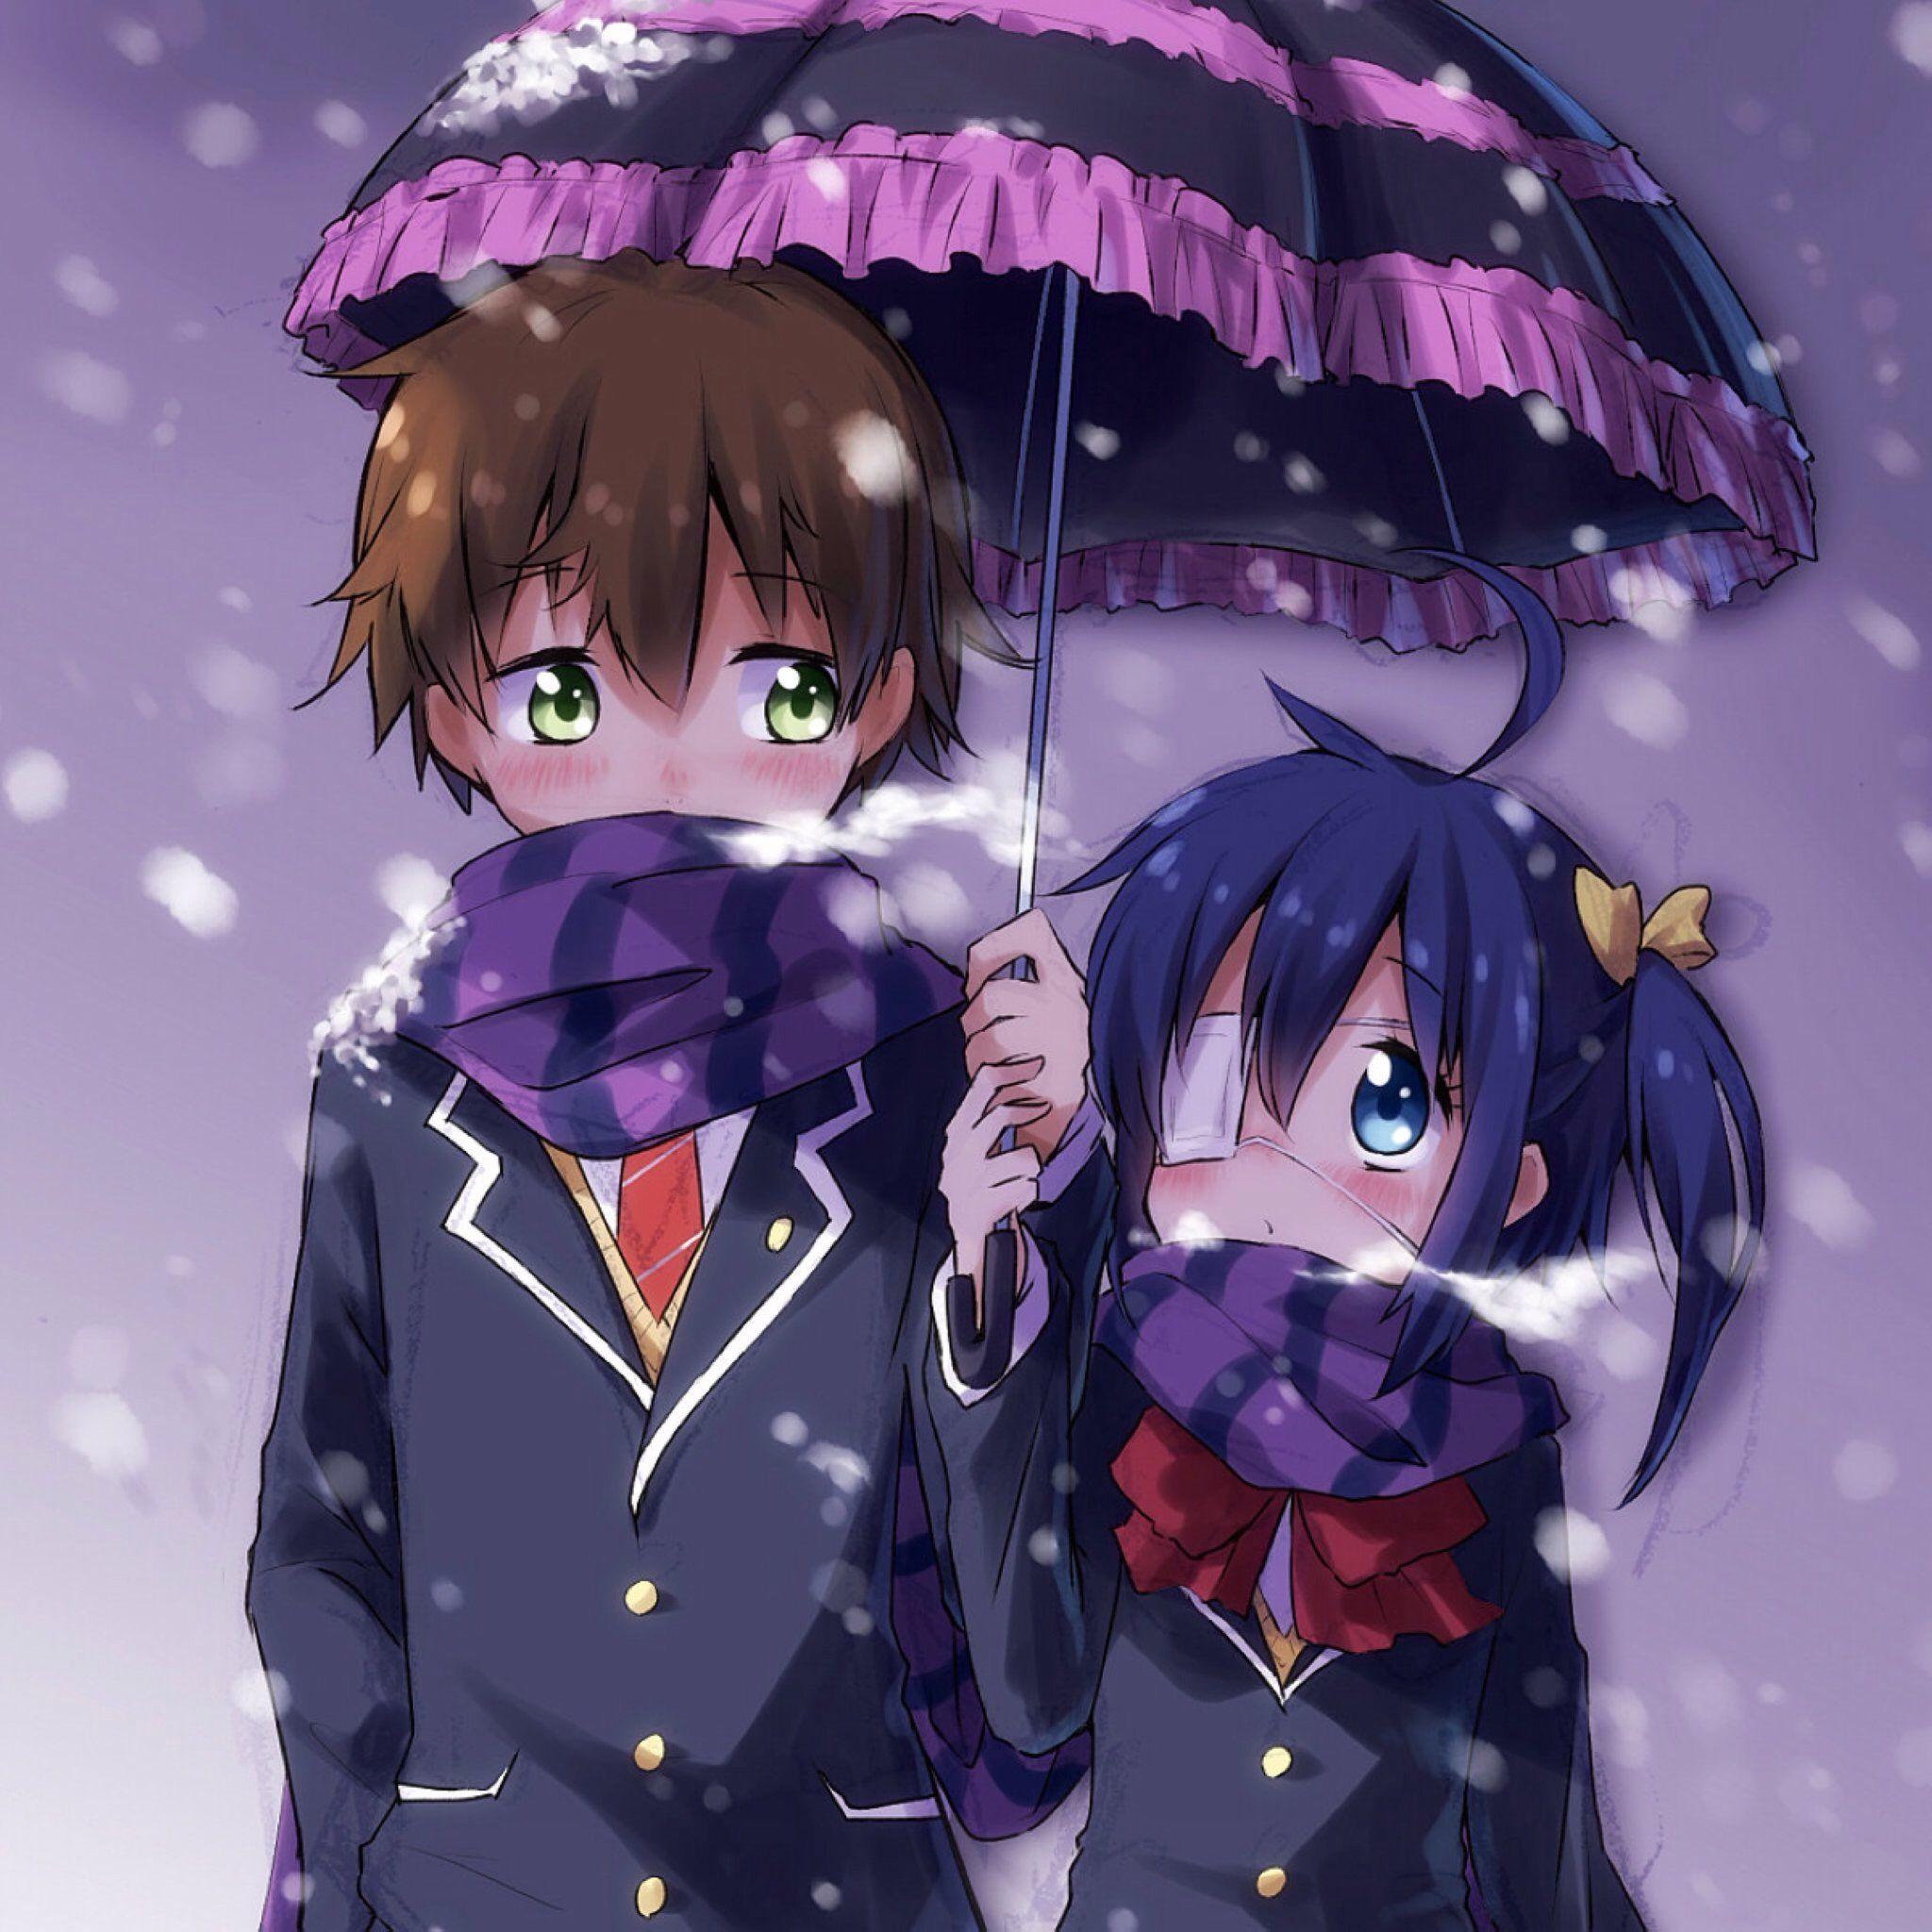 chuunibyoudemokoigashitai imagens) Rikka and yuuta